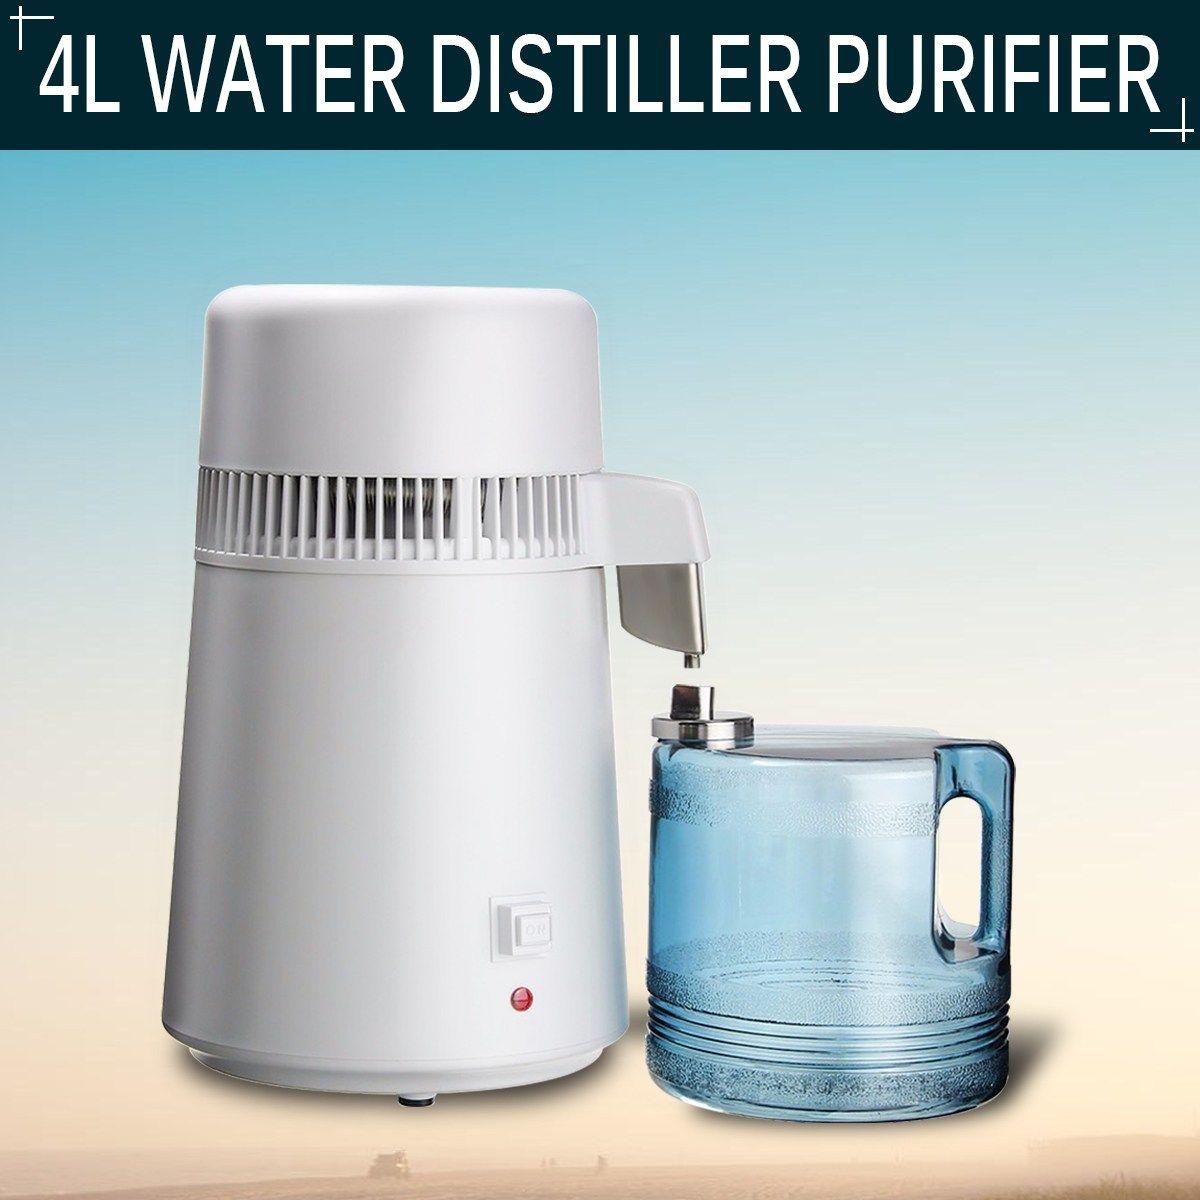 1Set 110V/220V Distilled Water Machine Safe Health Water Distiller Stainless Steel Household/Commercial/Lab Use Water Distiller